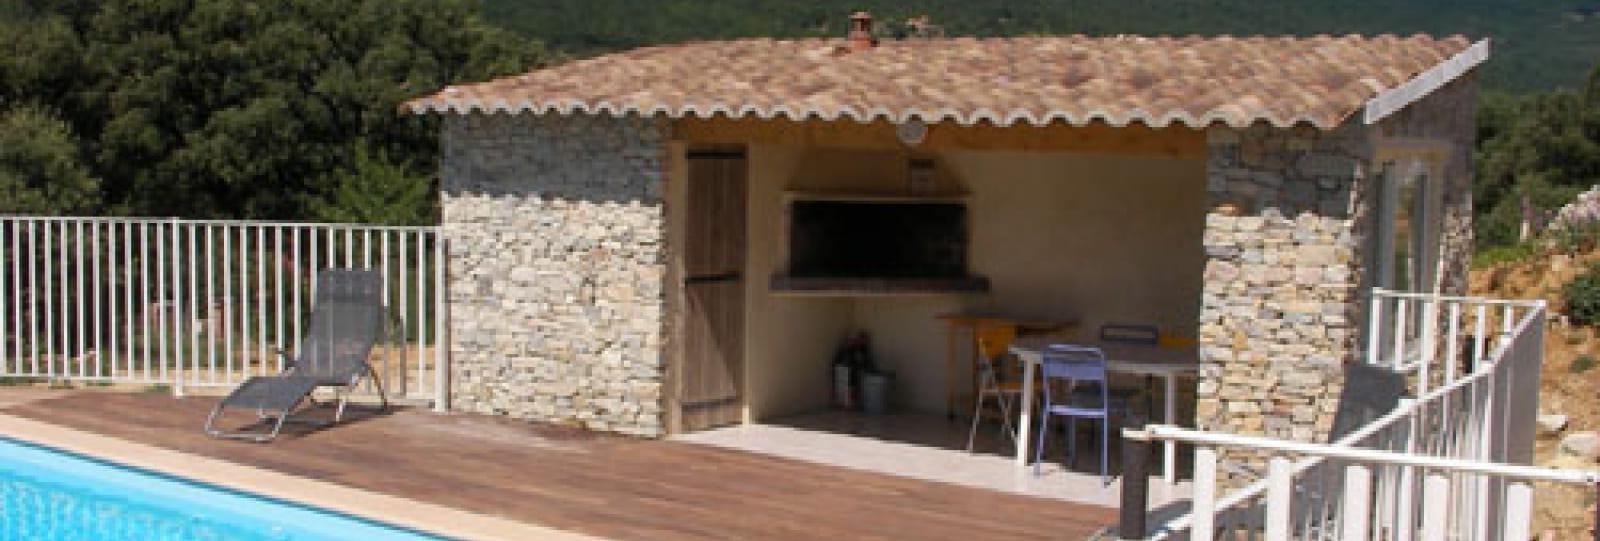 la plage et l'abri provençal avec barbecue